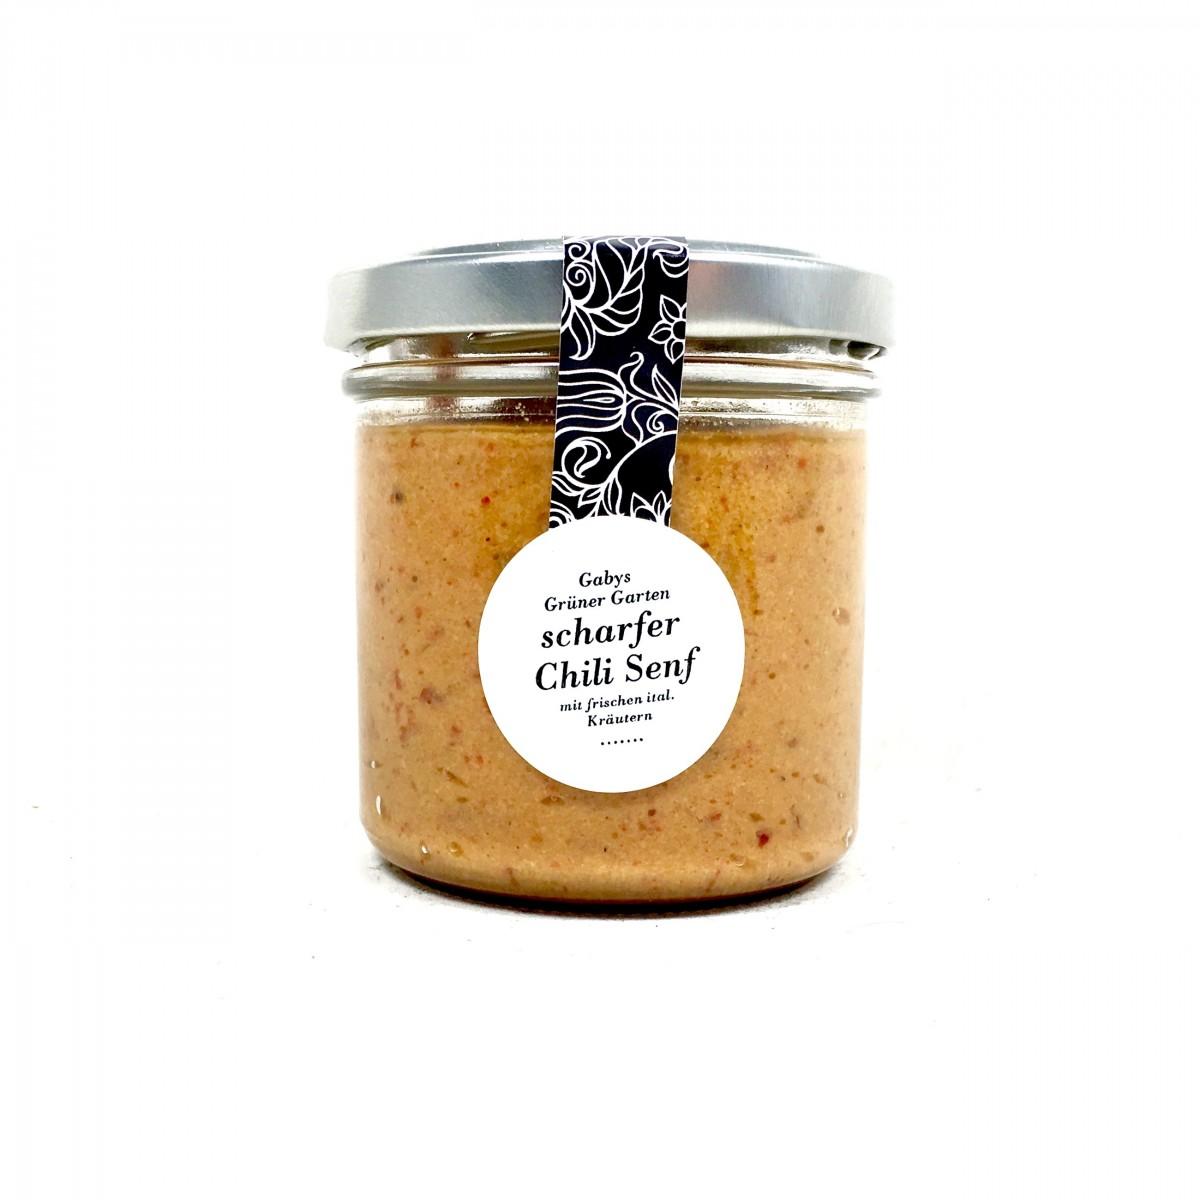 Gabys Grüner Garten scharfer Chili Senf 165g